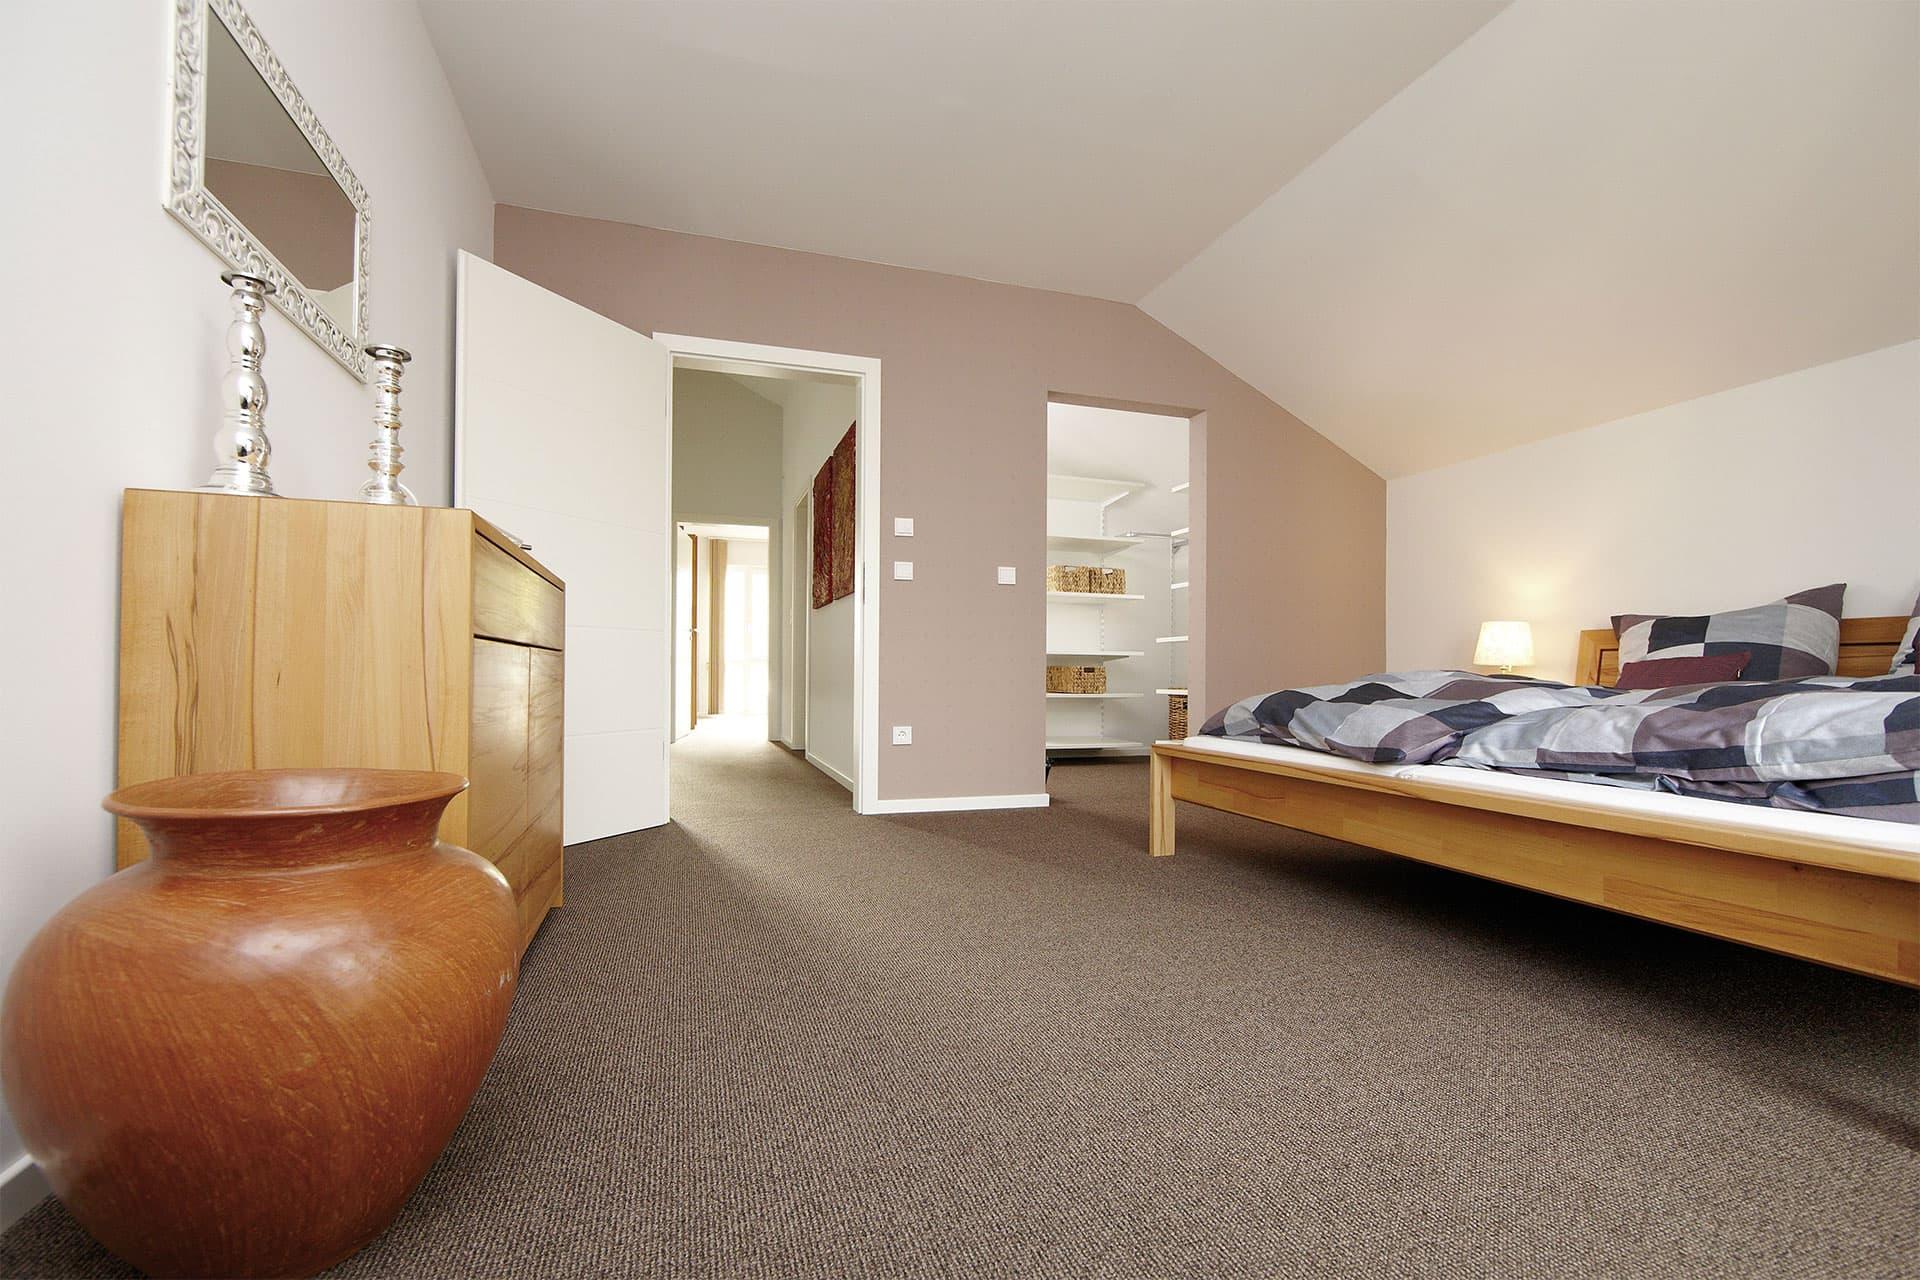 begehbarer kleiderschrank ankleidezimmer schlafzimmer